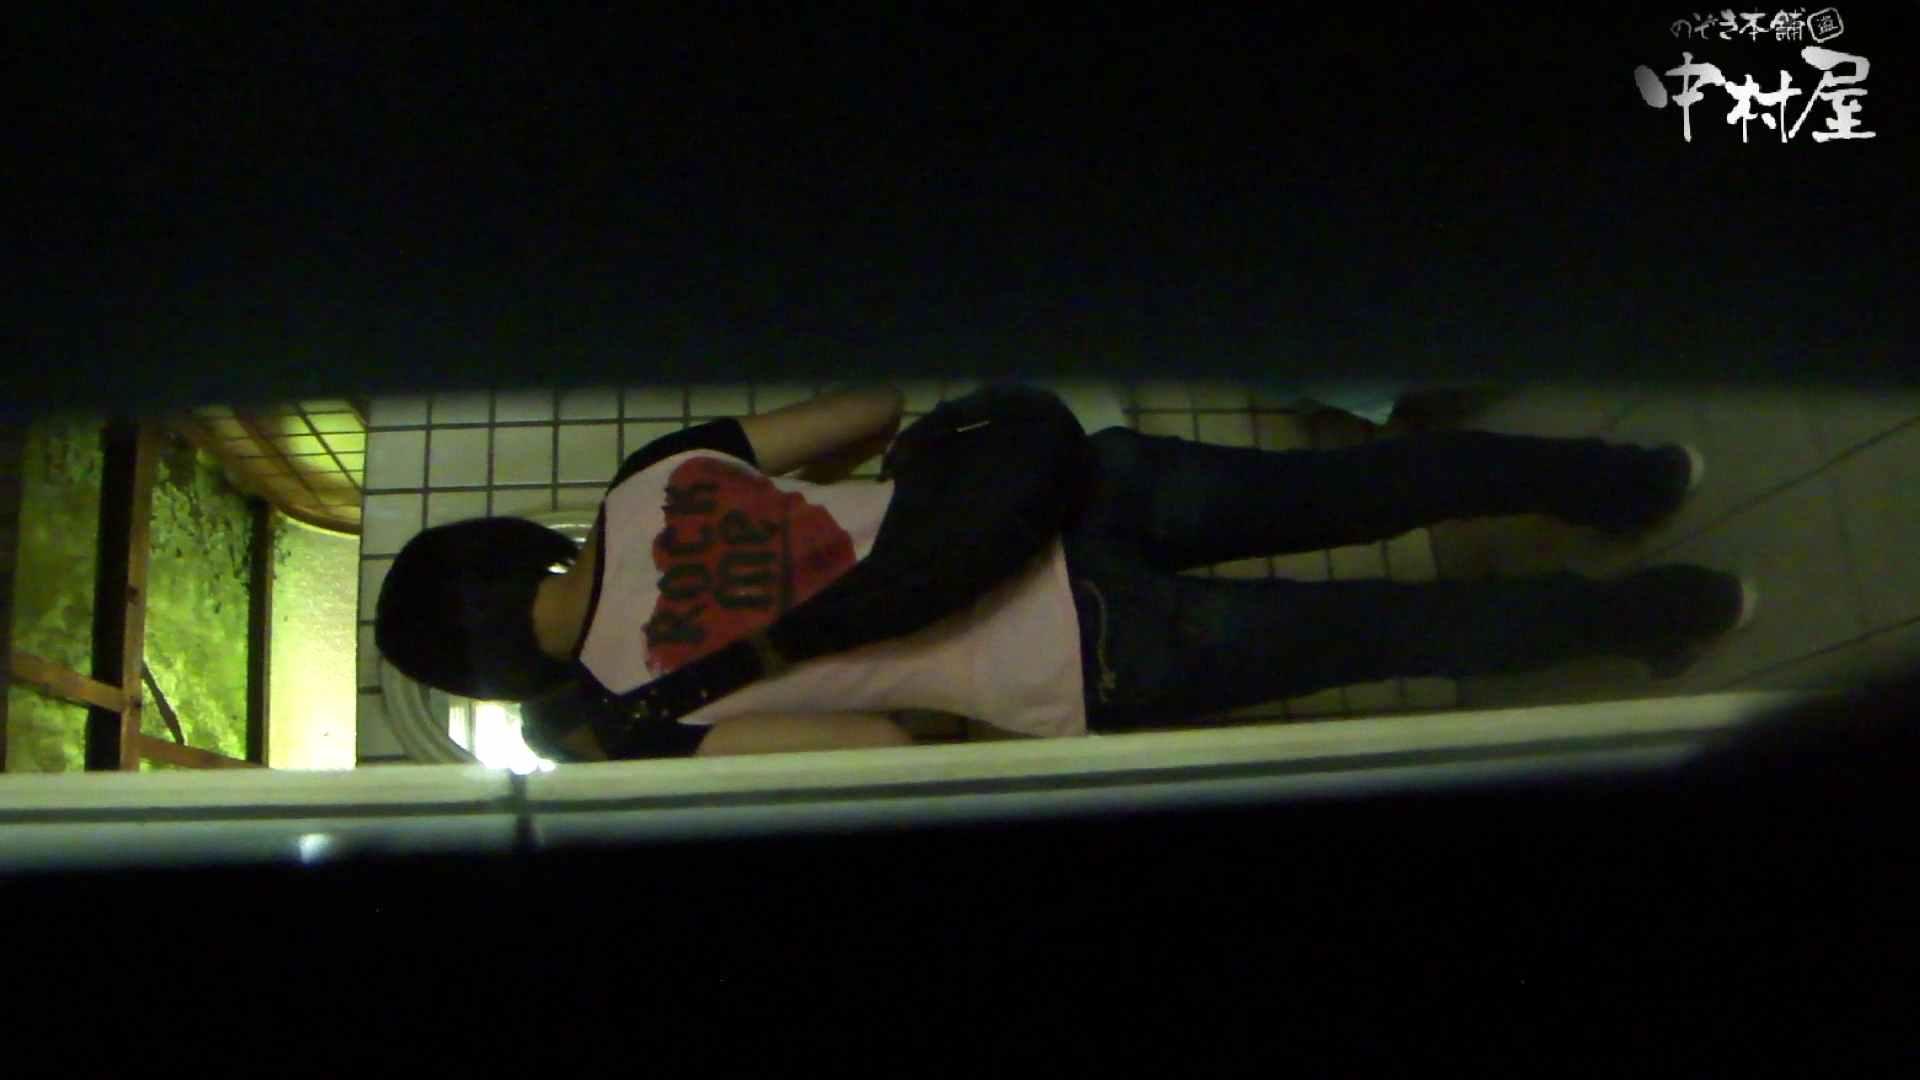 【美人が集まるファッションショッピングセンター洗面所盗SATU】ギャルのツルピカ潜入盗satu!Vol.09 OLのエロ生活 エロ画像 81連発 22